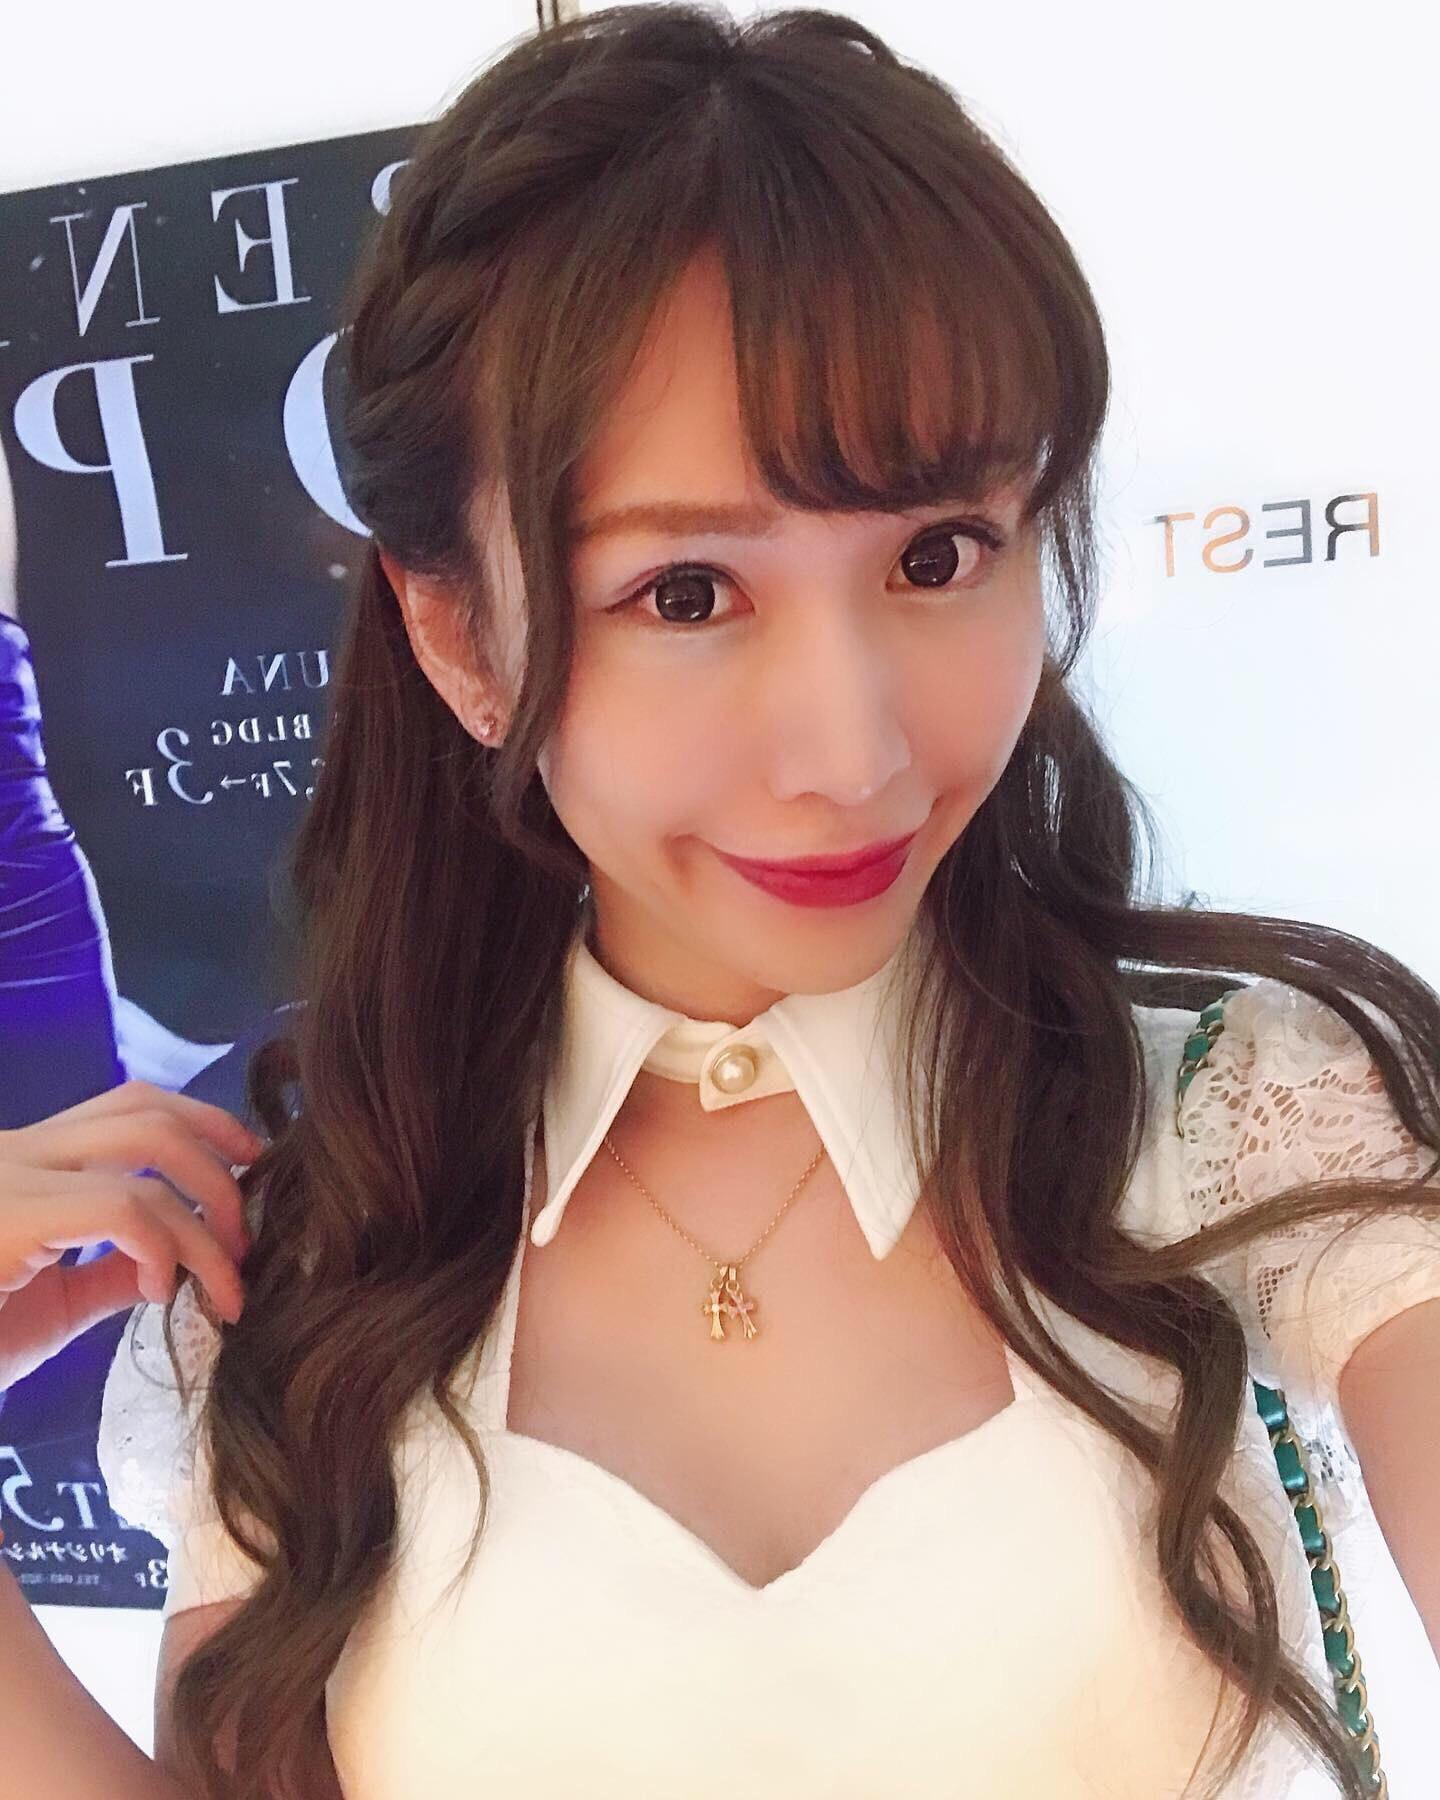 「ご予約満了〜♡♡」02/22(02/22) 00:06 | NH橘芹那の写メ・風俗動画